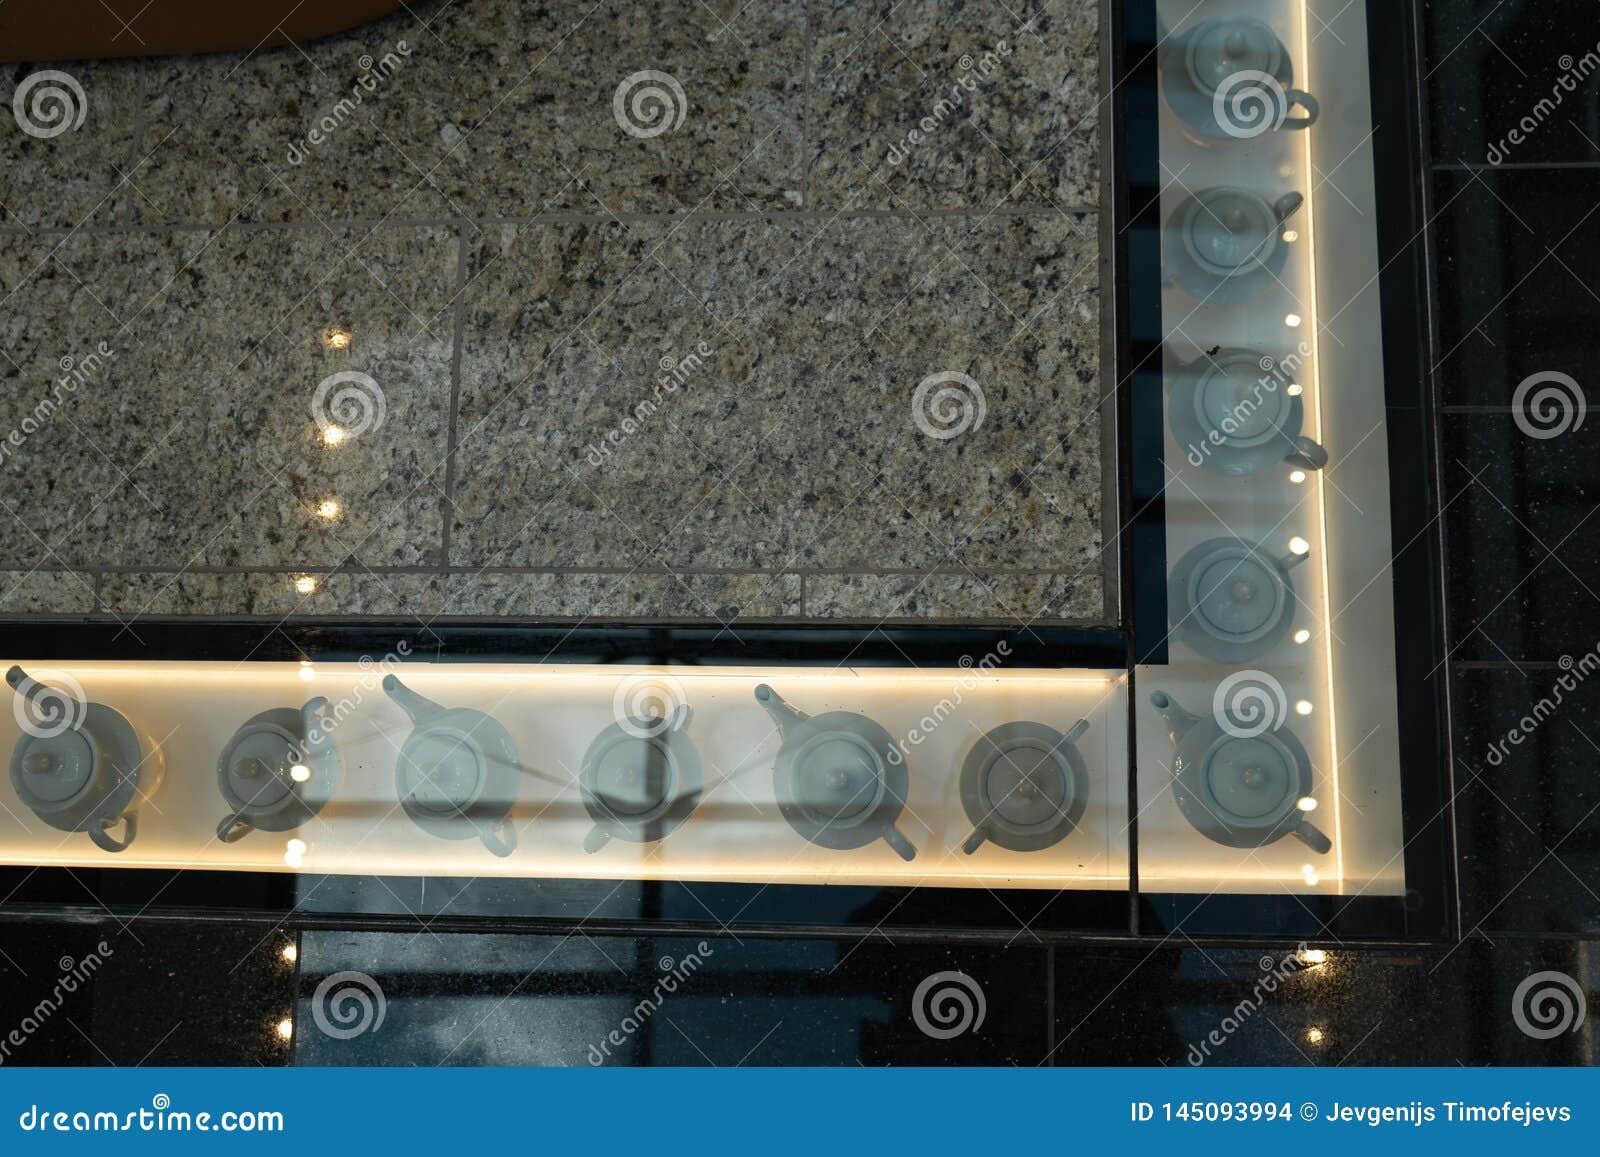 Winkelcomplexdecoratie - Theepotten onder een glasvloer